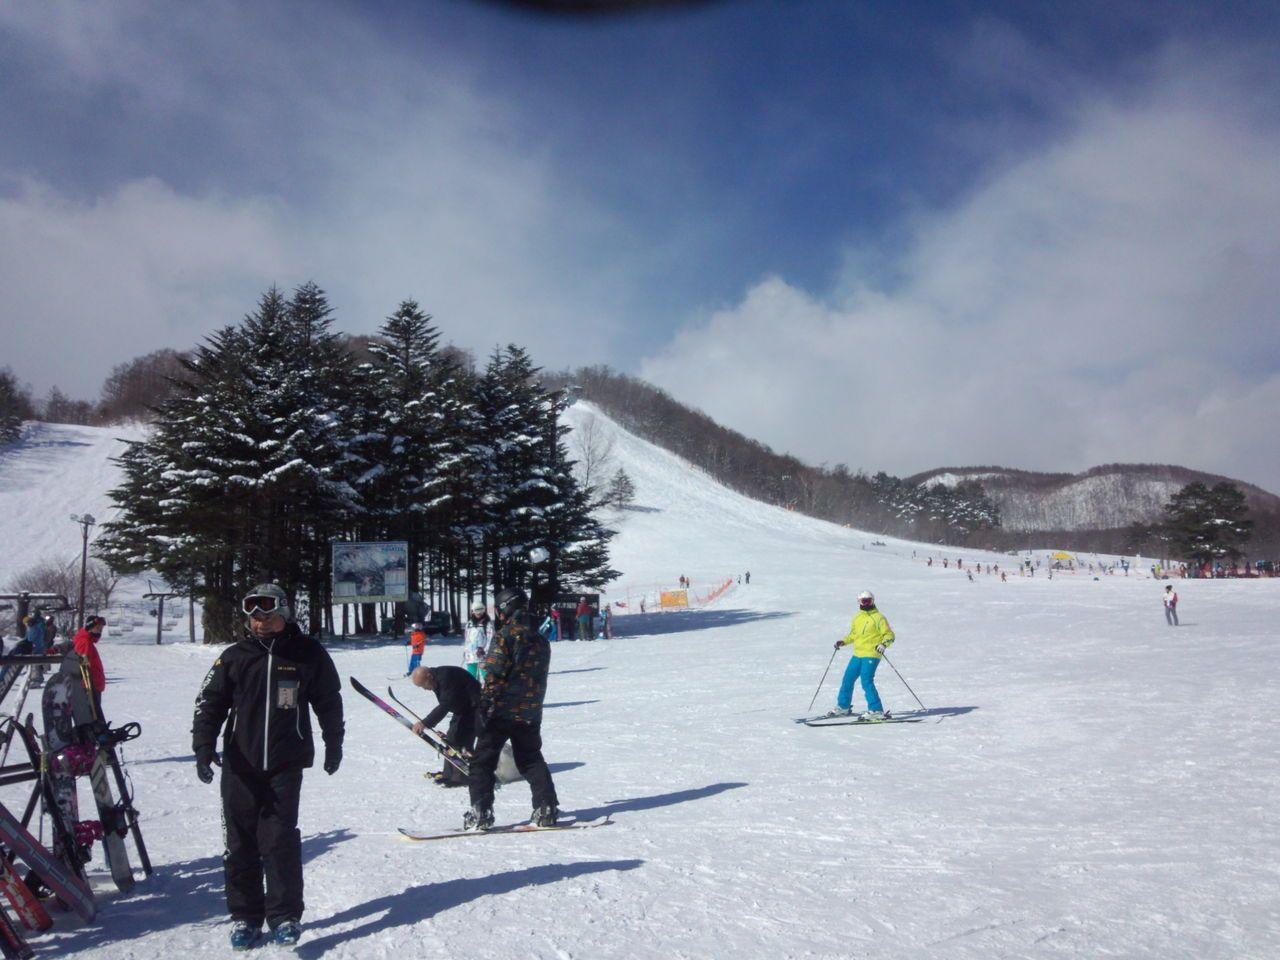 伝統あるゲレンデで老若男女楽しめる「草津国際スキー場」